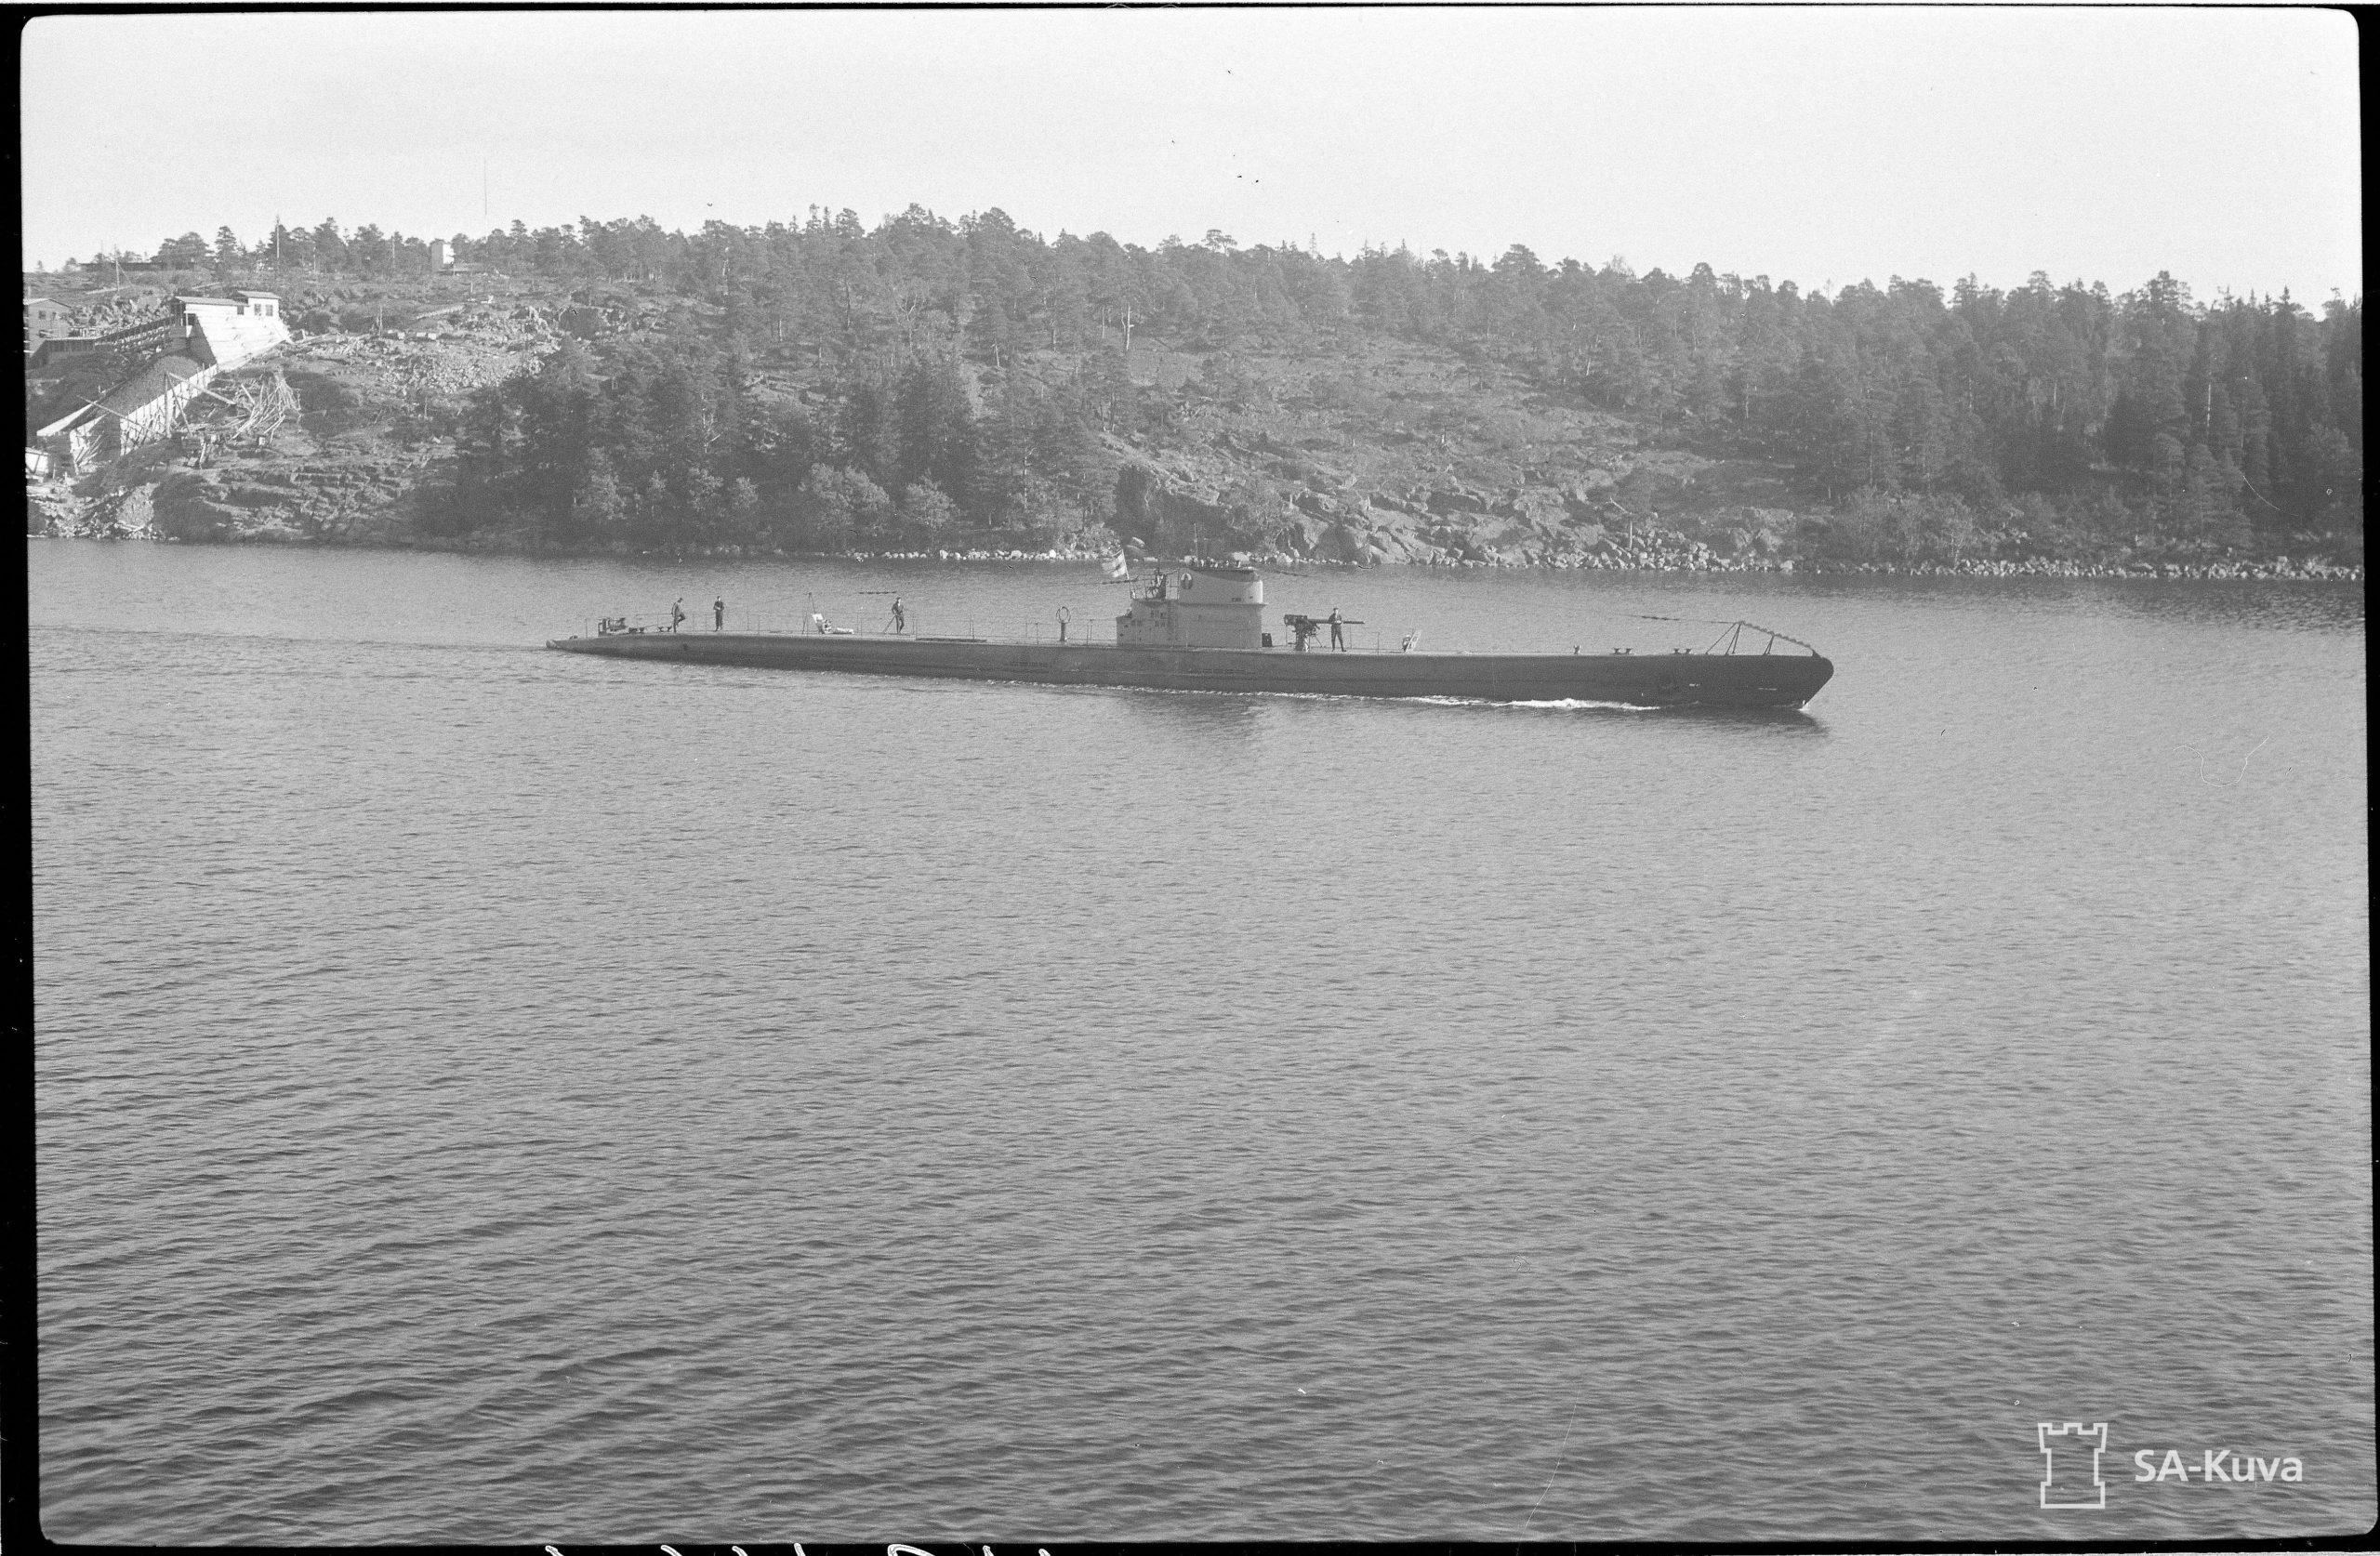 Suomalainen sukellusvene Ahvenanmaan saaristossa.